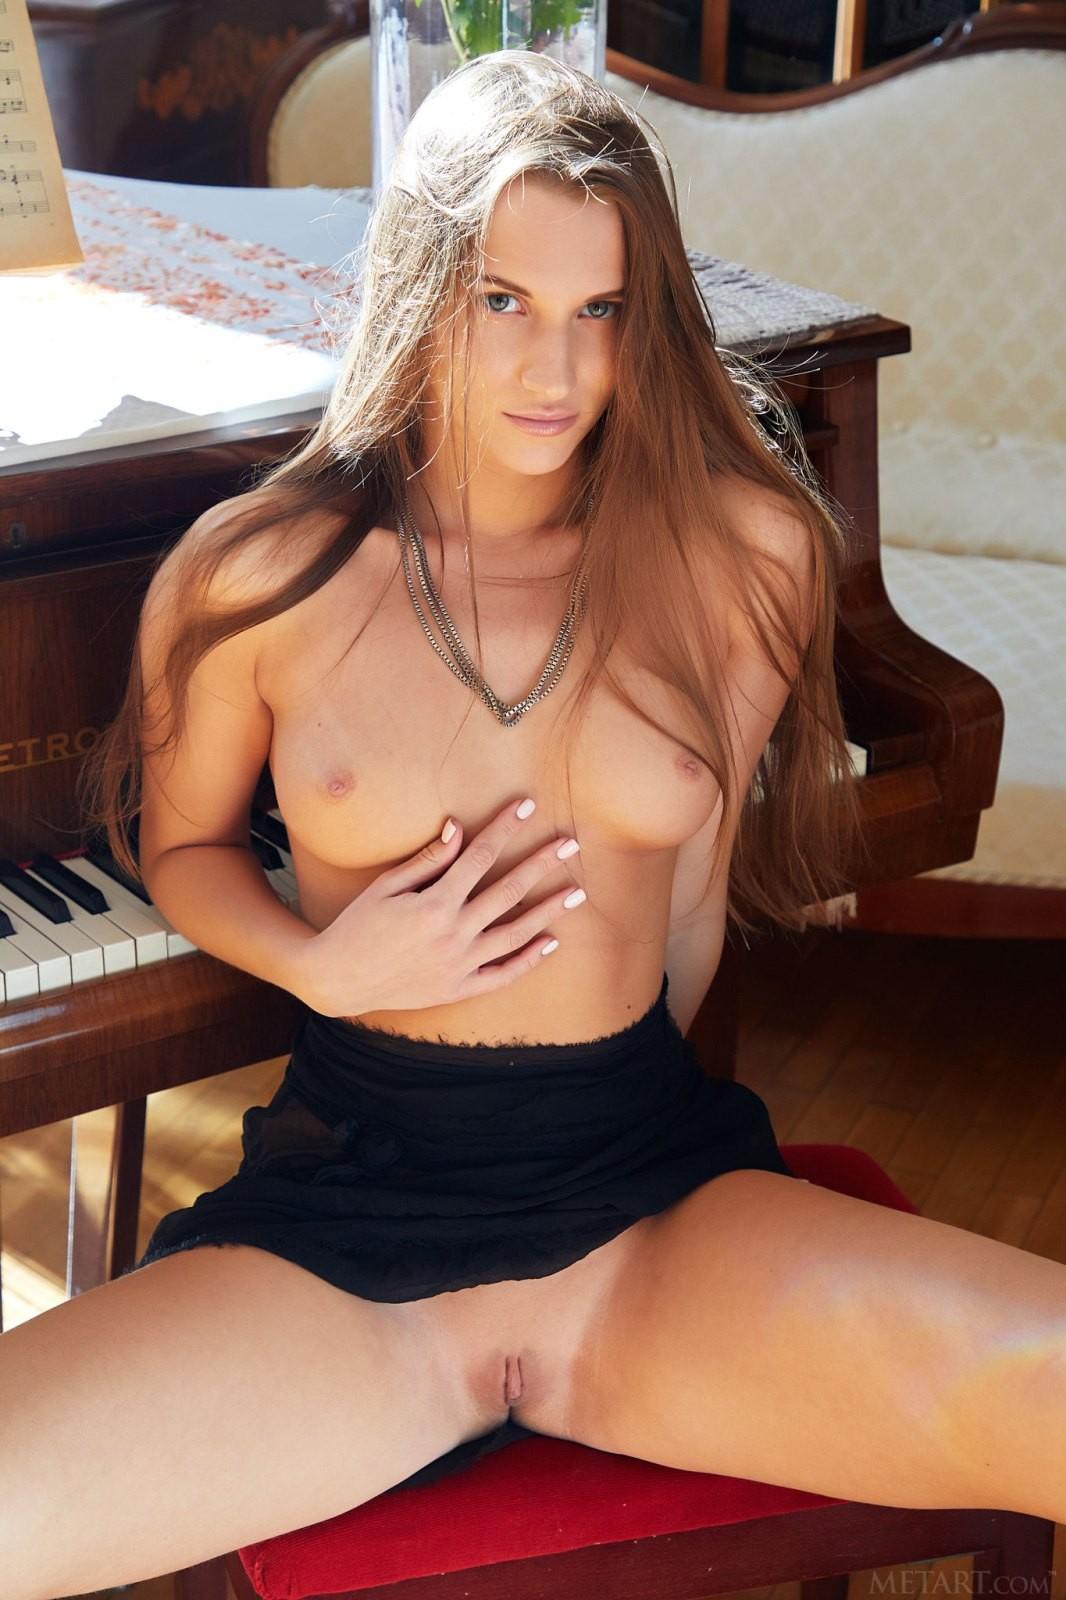 Девушка демонстрирует сочную попку у рояля - фото